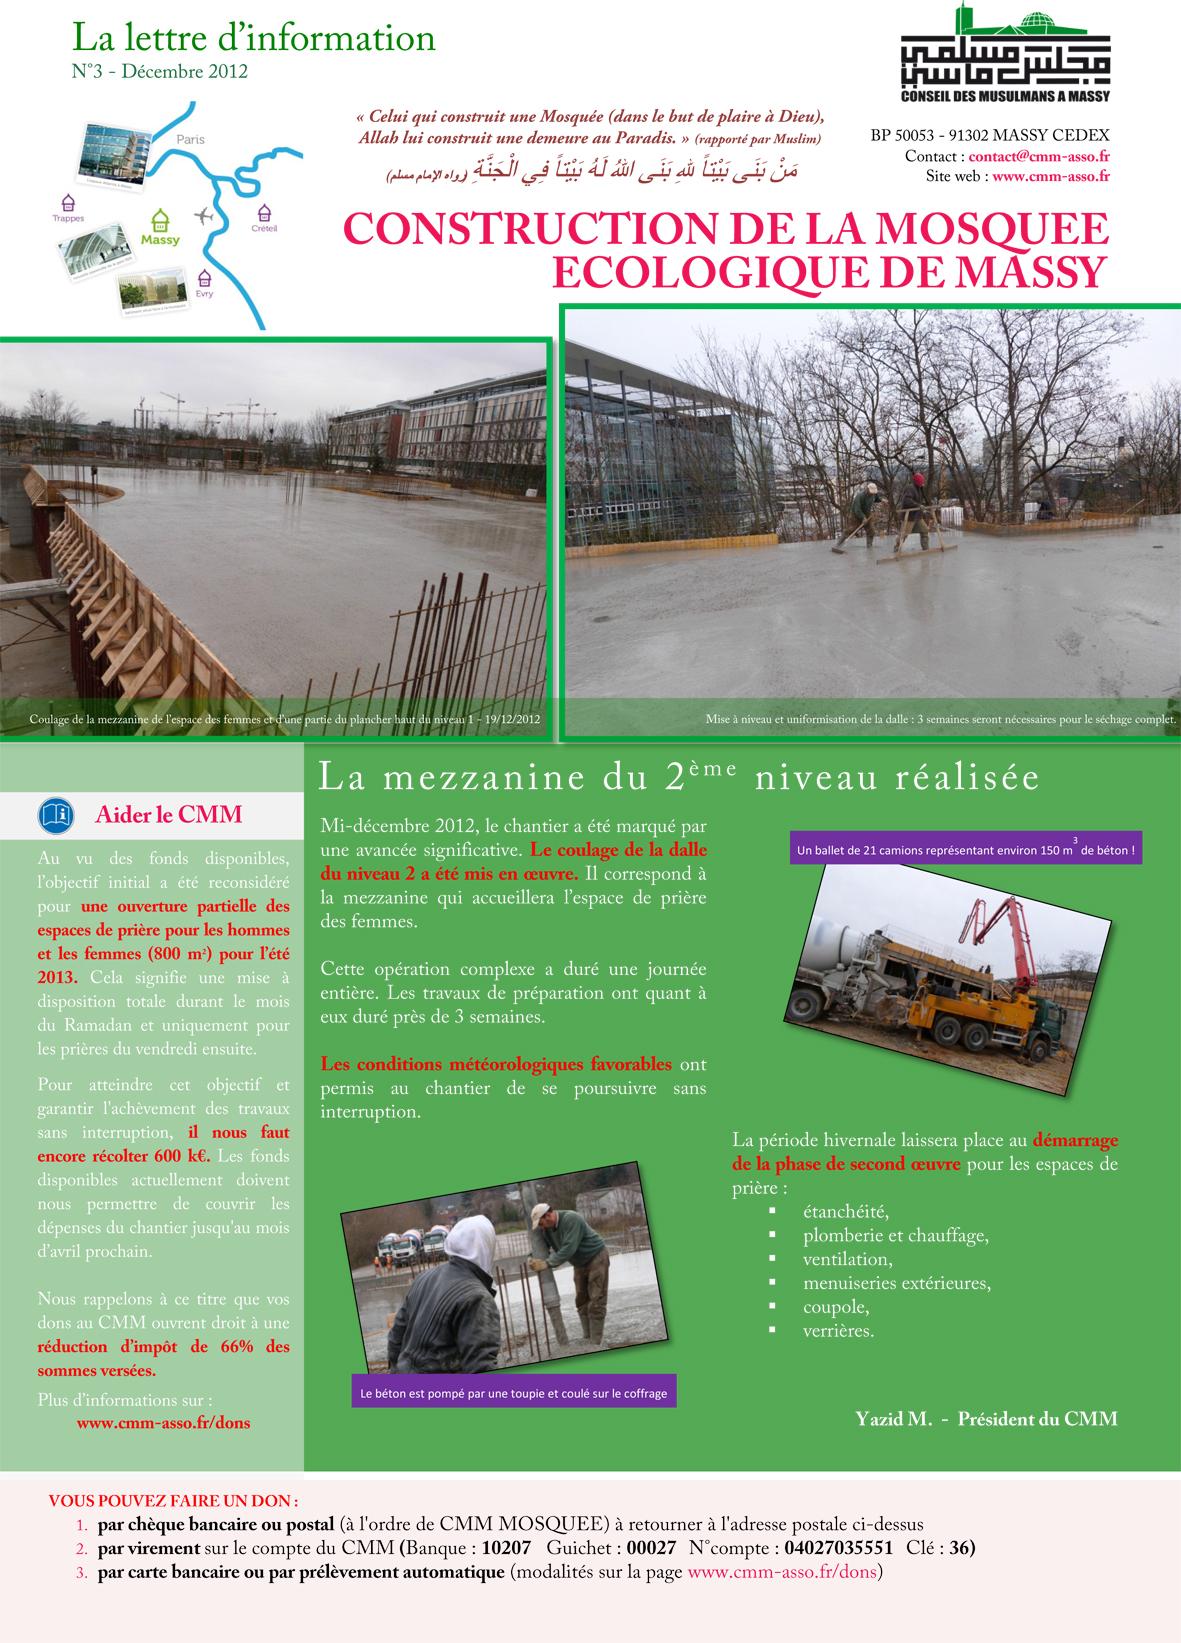 Lettre d'information n°3 sur la construction de la mosquée - page 1